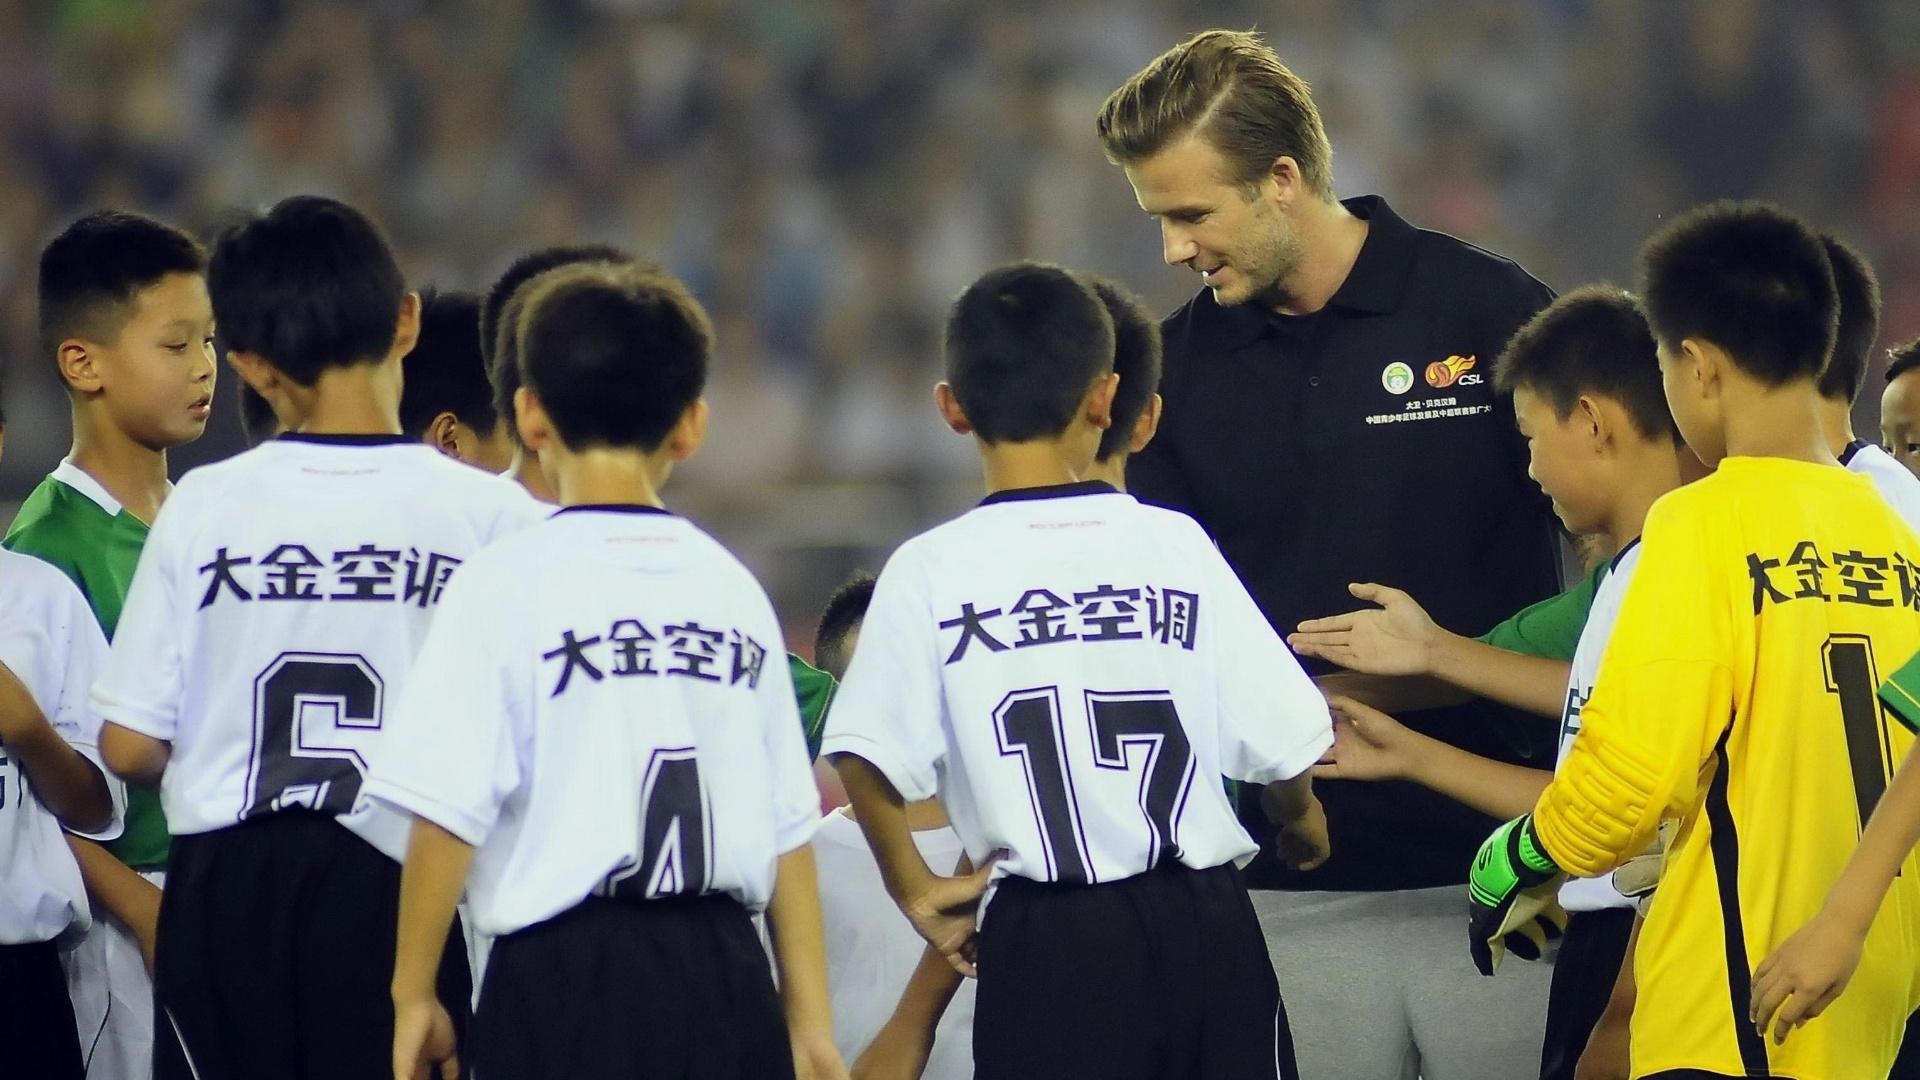 Inglês David Bekcham brincou com crianças chinesas neste sábado, durante jogo da liga chinesa em Hangzhou